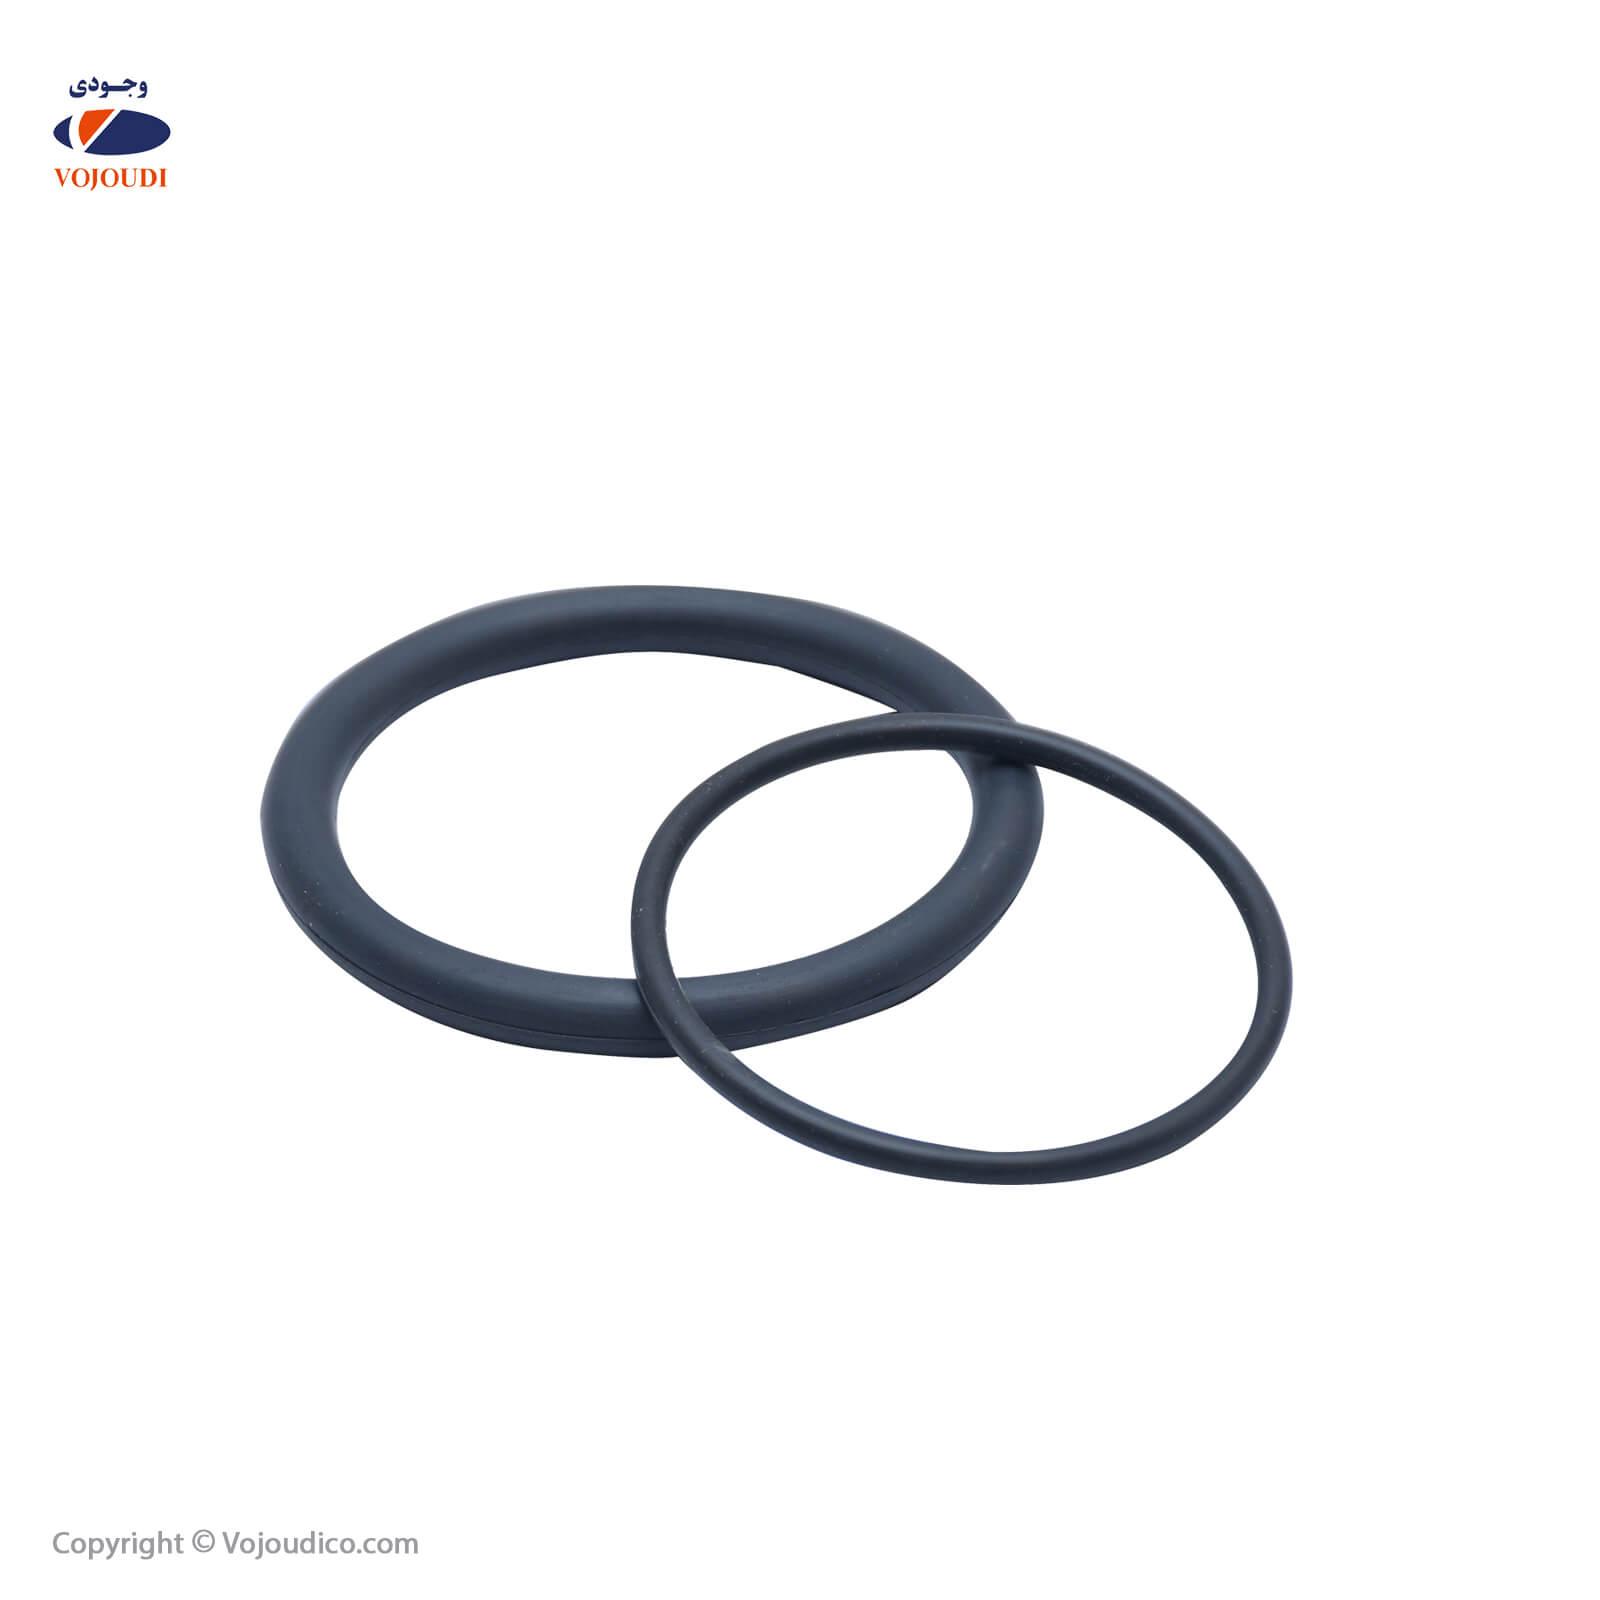 42111 1 - اورینگ سیلیکونی دریچه گاز وجودی کد 42111 مناسب برای L90 ، تعداد در بسته : 20 دست